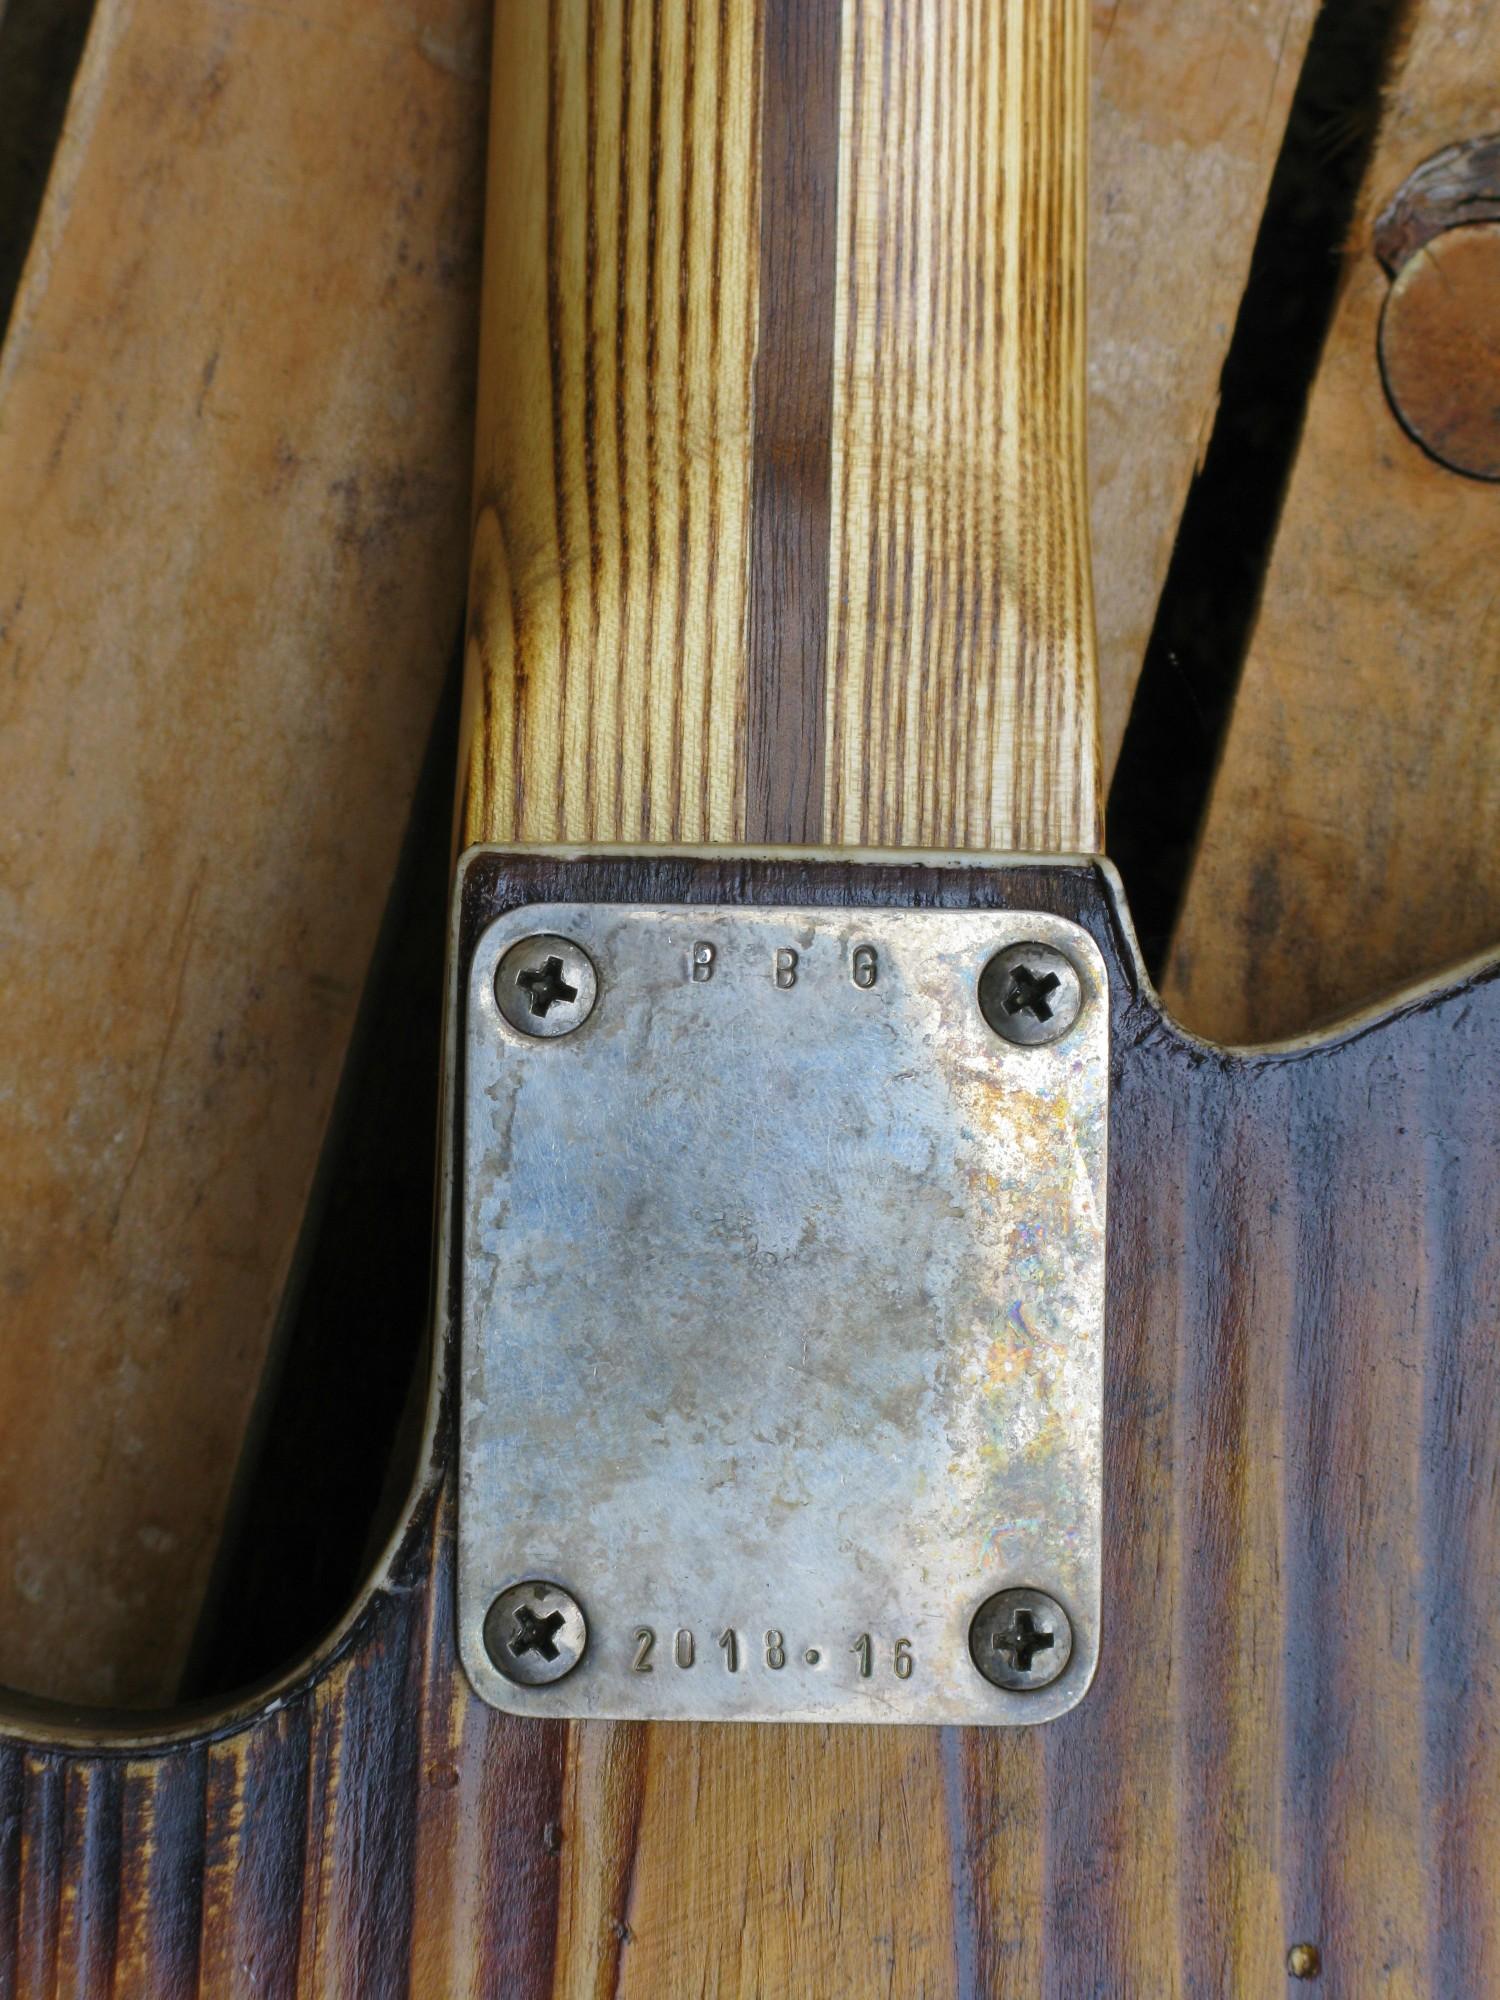 Chitarra modello telecaster 1 pickup plate